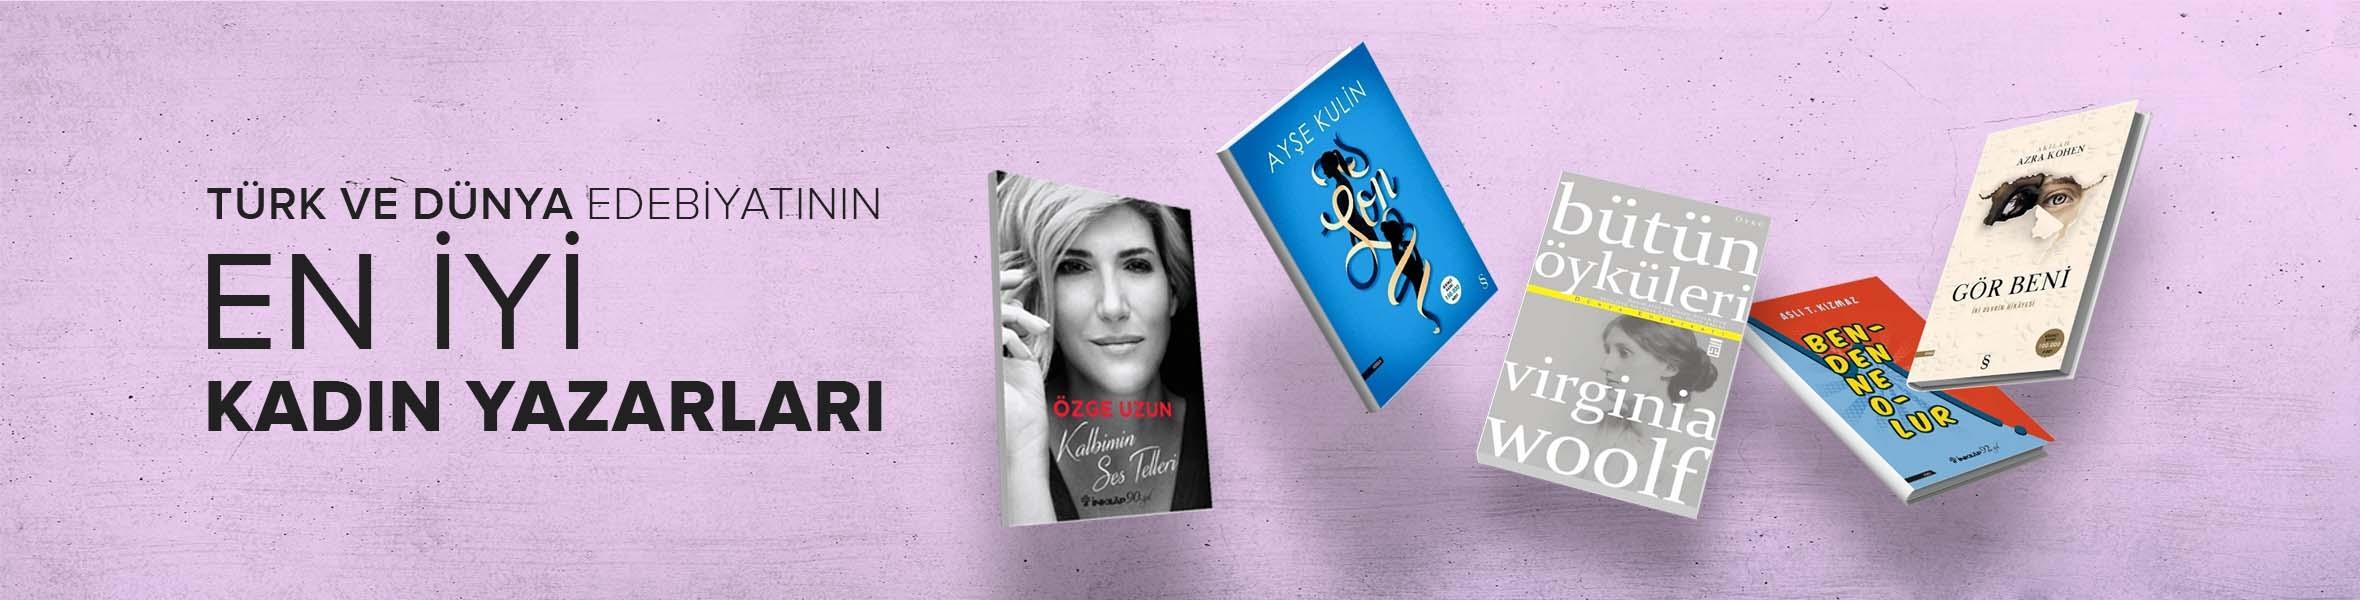 Türk ve Dünya Edebiyatının Kadın Yazarları